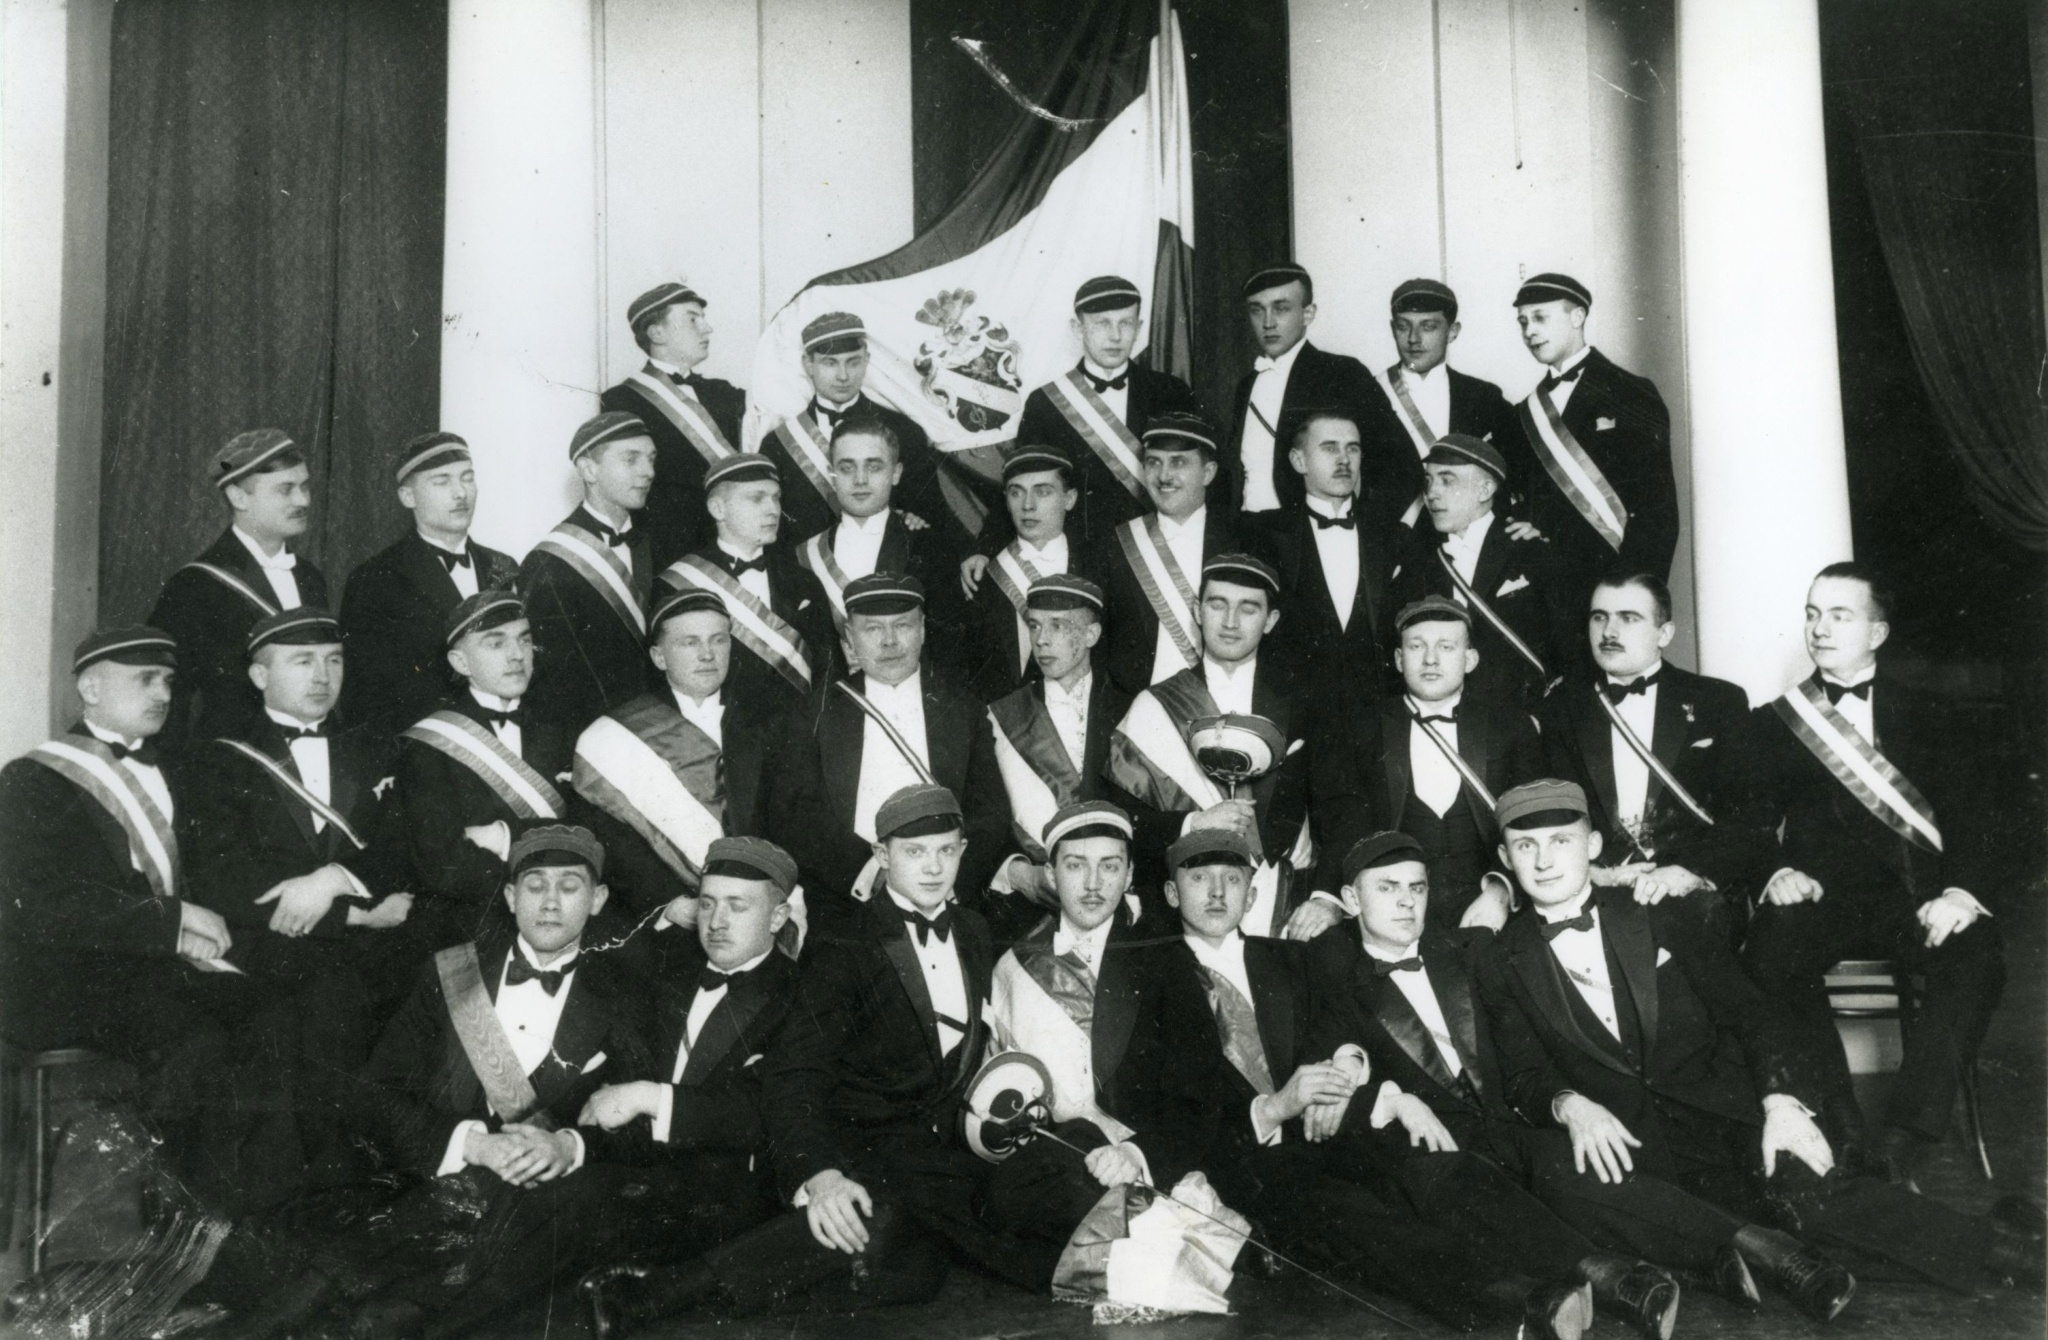 <div class='inner-box'><div class='close-desc'></div><span class='opis'>VII Komers Korporacji Patria. Jerzy Giedroyc (w III rzędzie, piąty od lewej, bez czapki), oprócz niego na zdjęciu m.in. Jan Jachimowicz i Tadeusz Szmitkowski. 1928</span><div class='clearfix'></div><span>Sygn. FIL00114</span><div class='clearfix'></div><span>© Instytut Literacki</span></div>